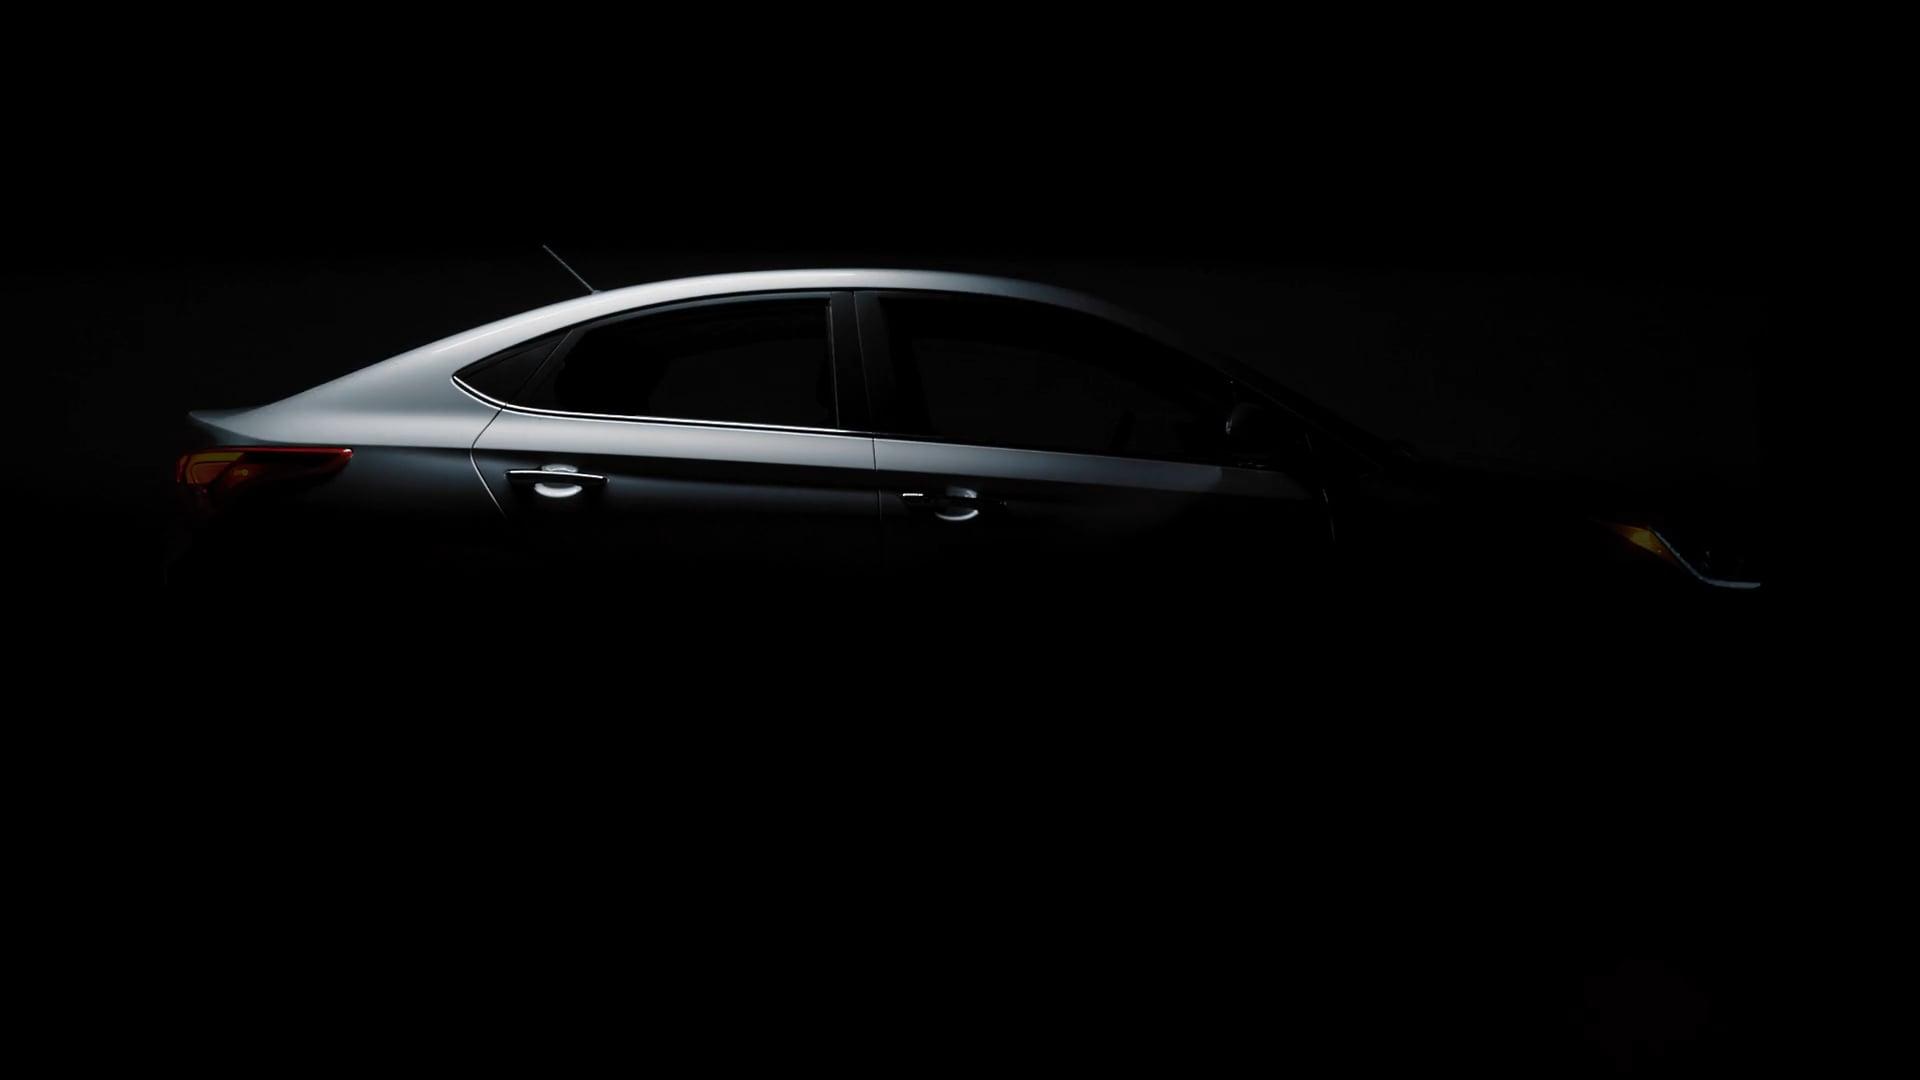 Hyundai - Hyundai Accent Teaser